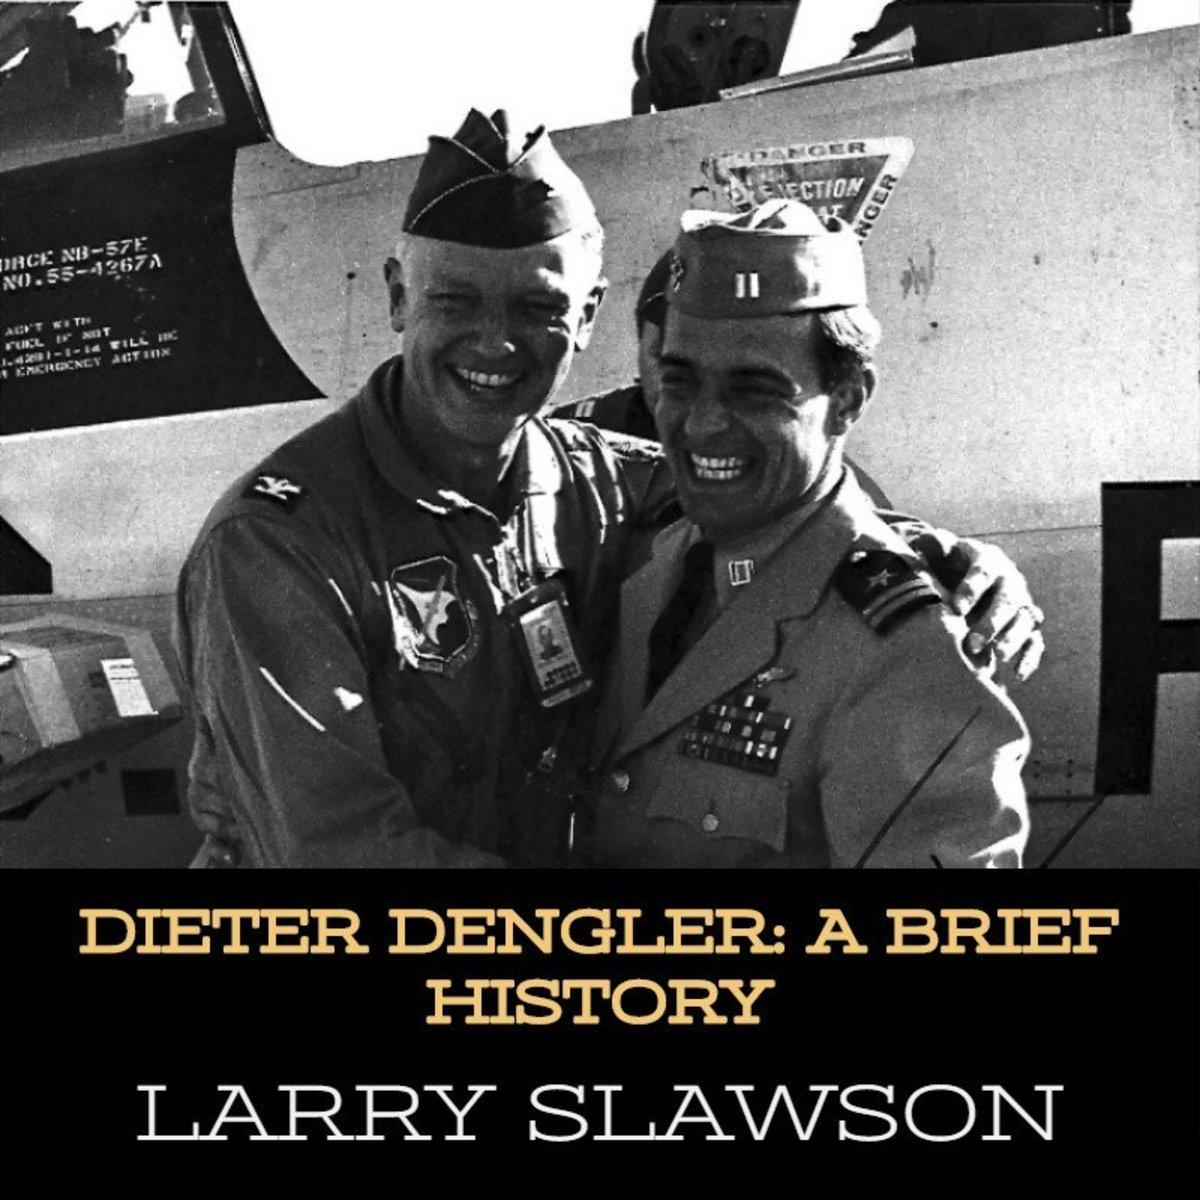 Dieter Dengler: A Brief History